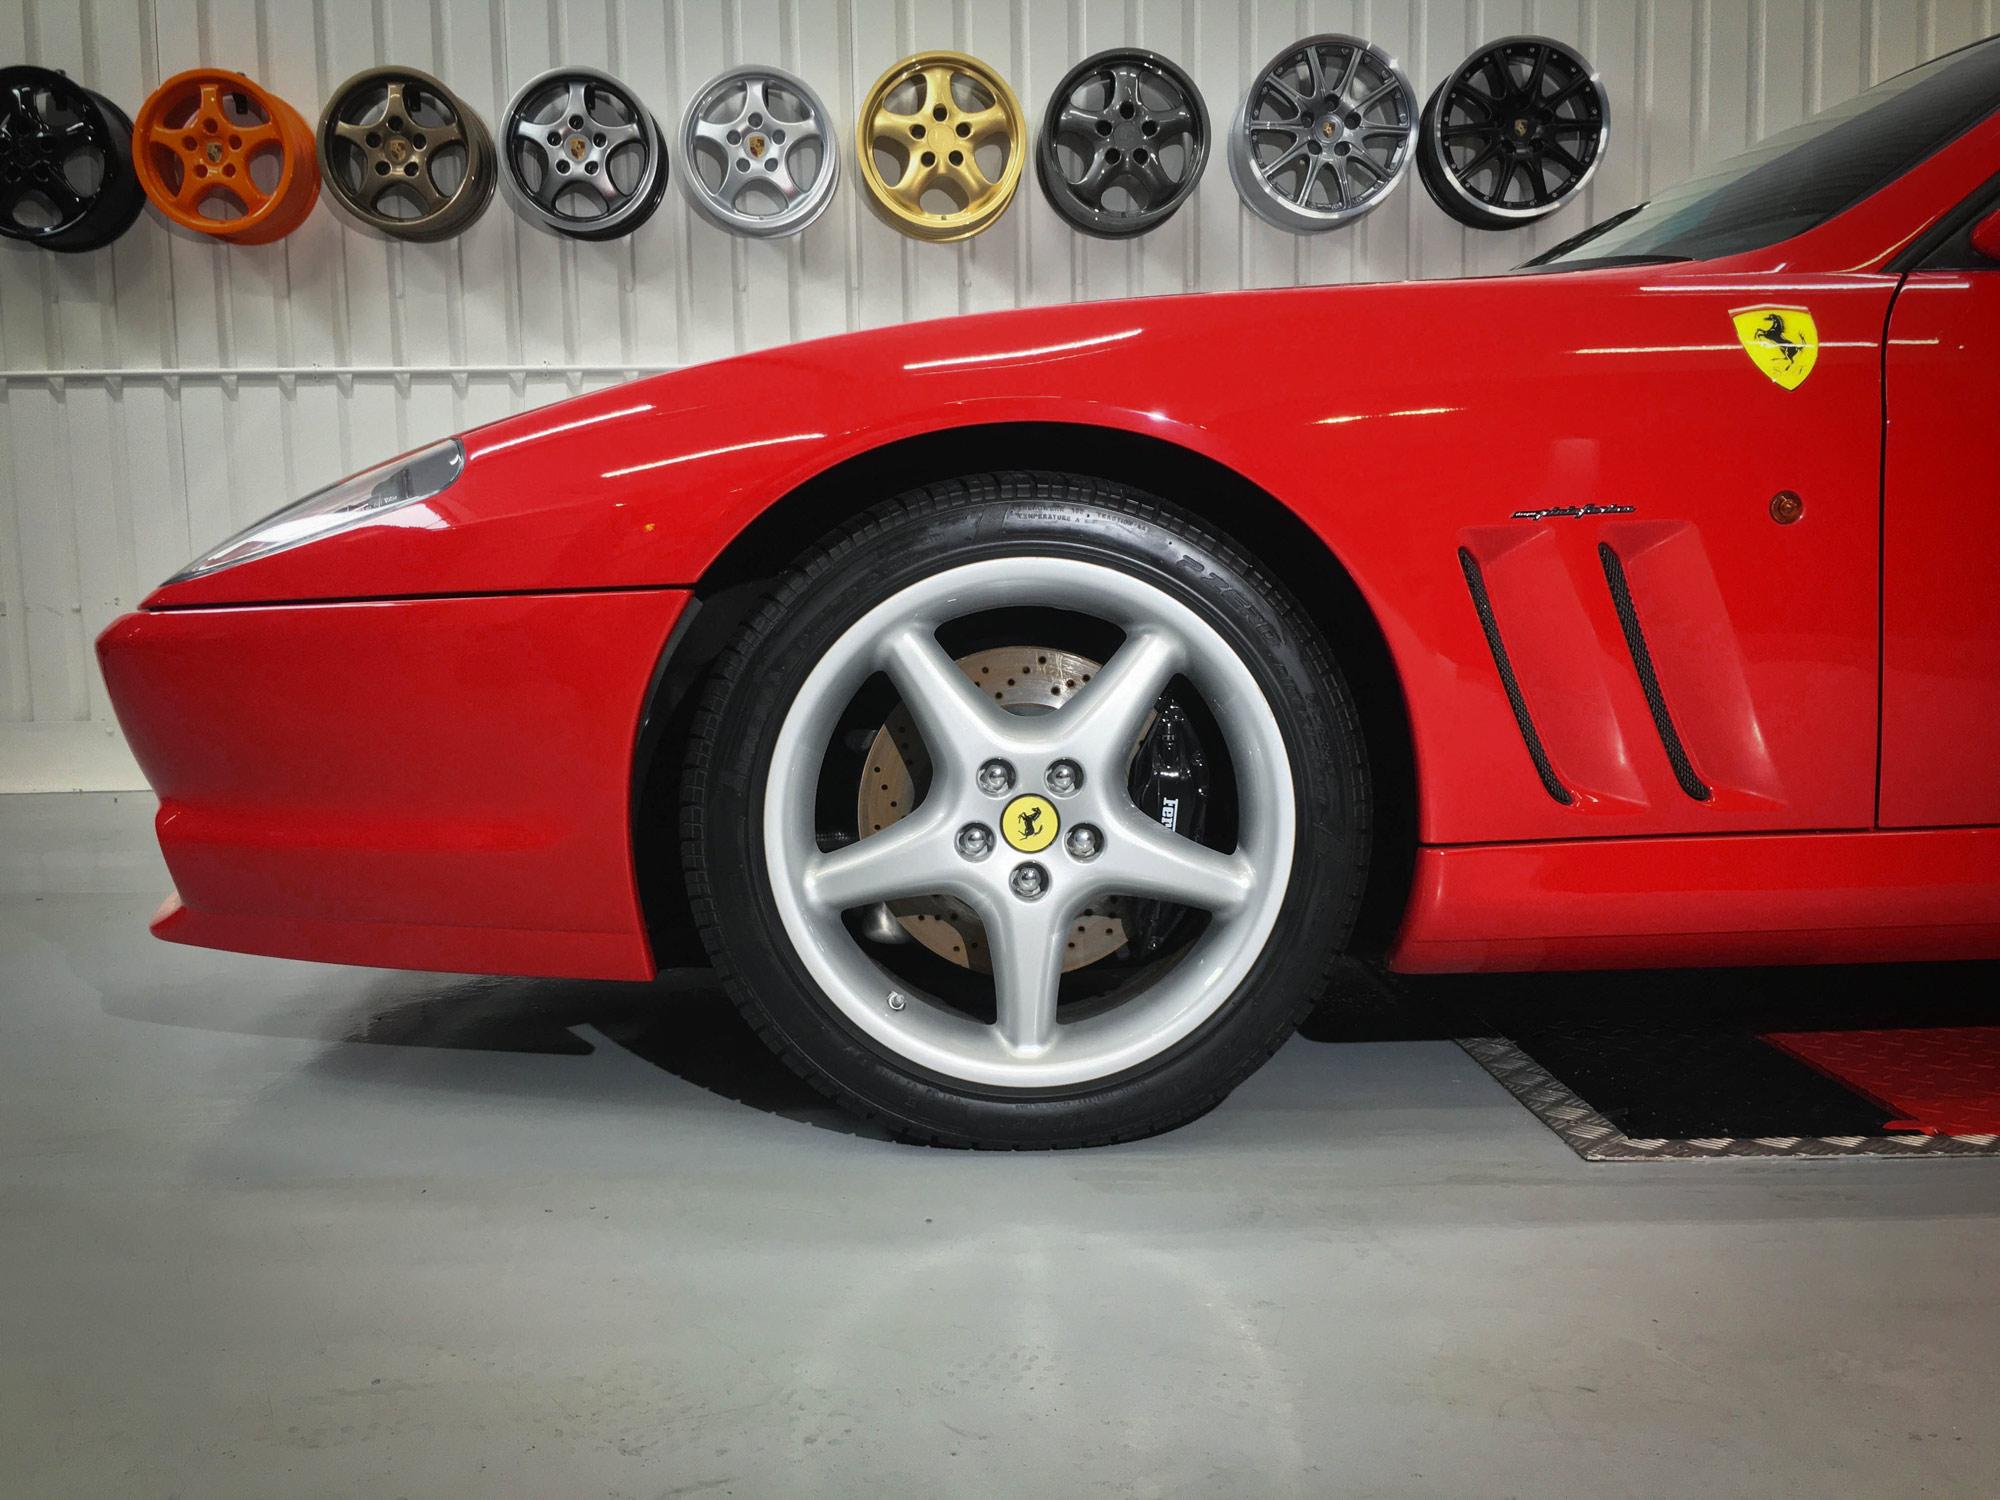 Ferrari_550_Maranello-front-alloys